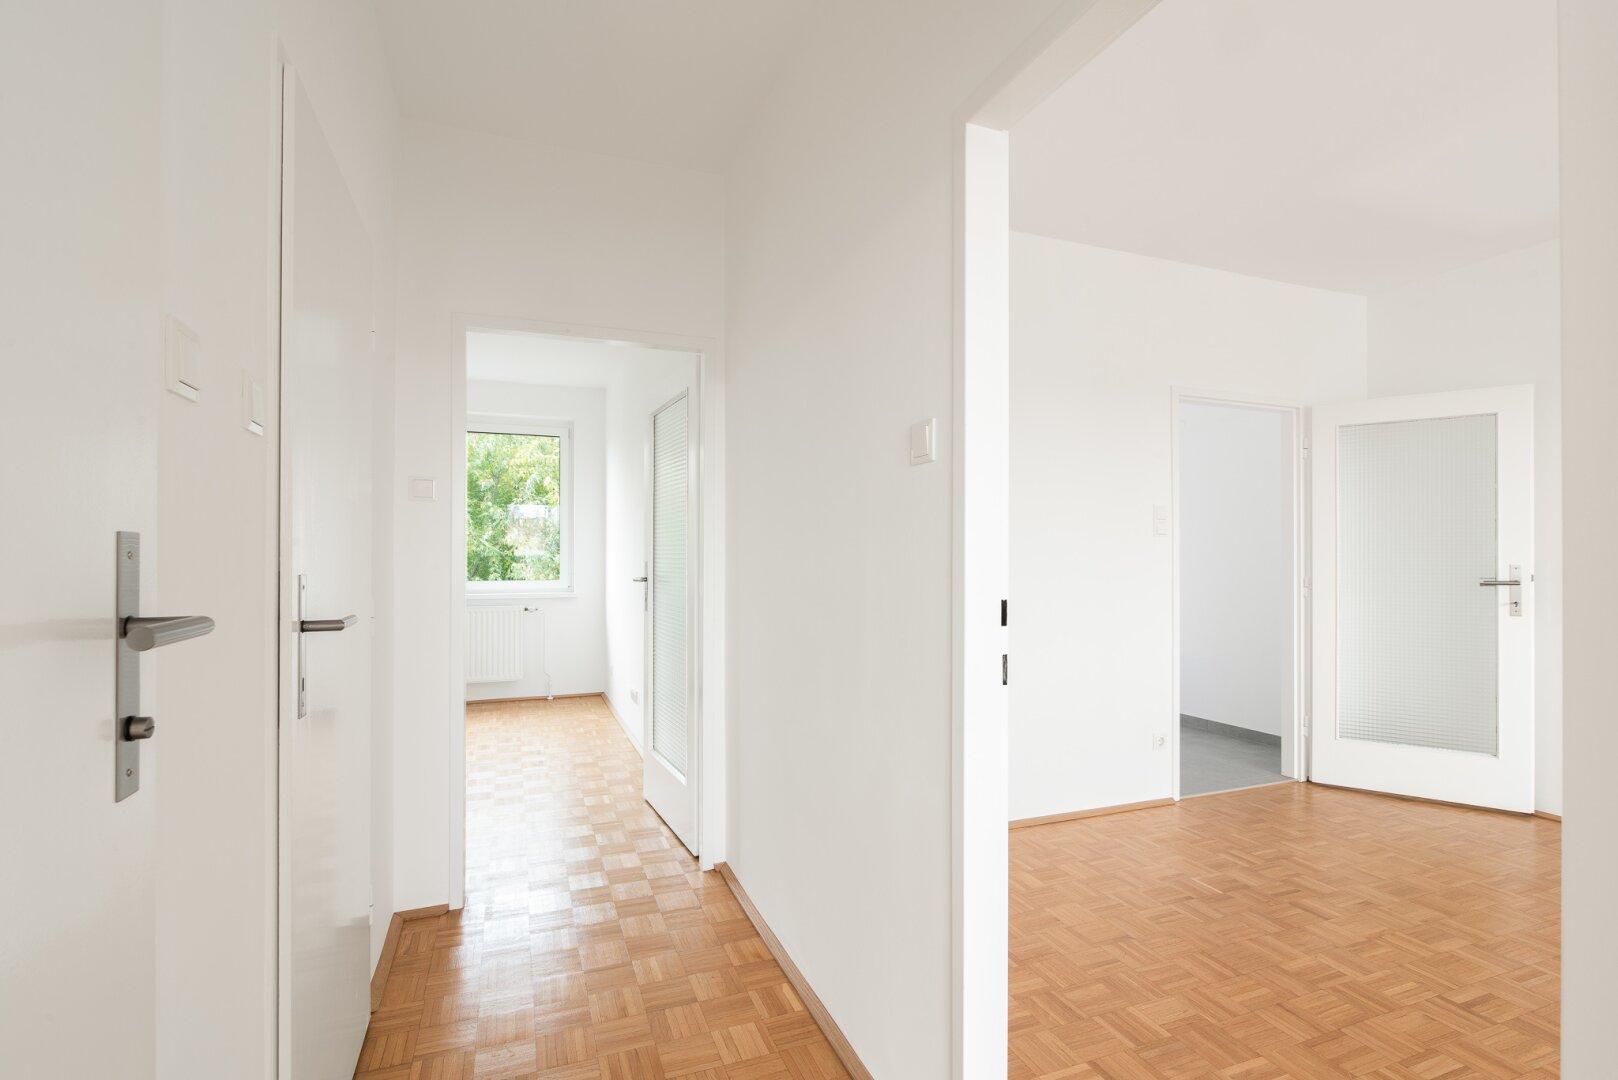 Wohnzimmer, Schlafzimmer, Flur